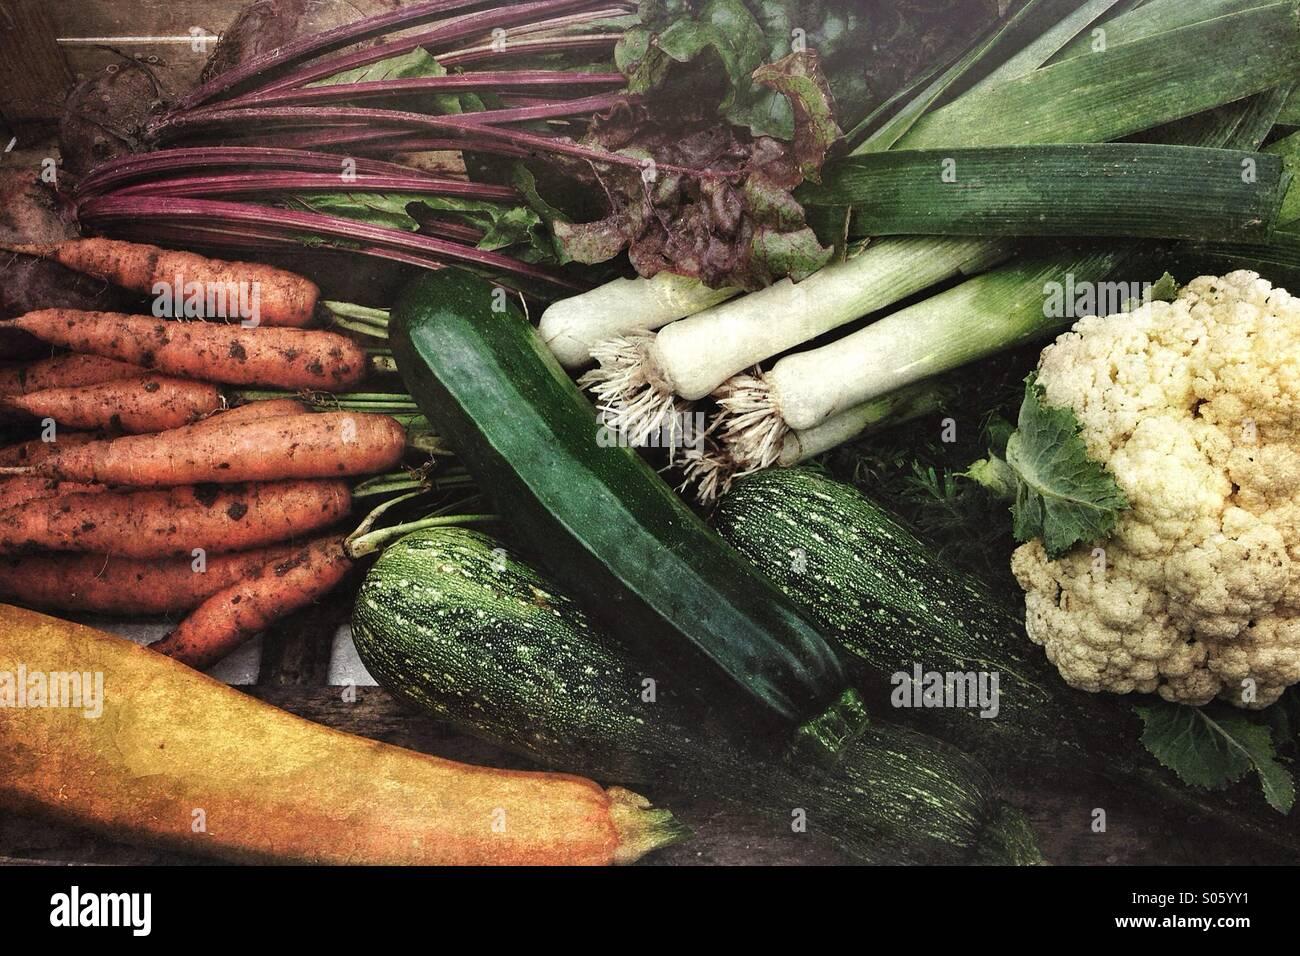 Recogidos frescos vegetales orgánicos desde el jardín de una casa Imagen De Stock